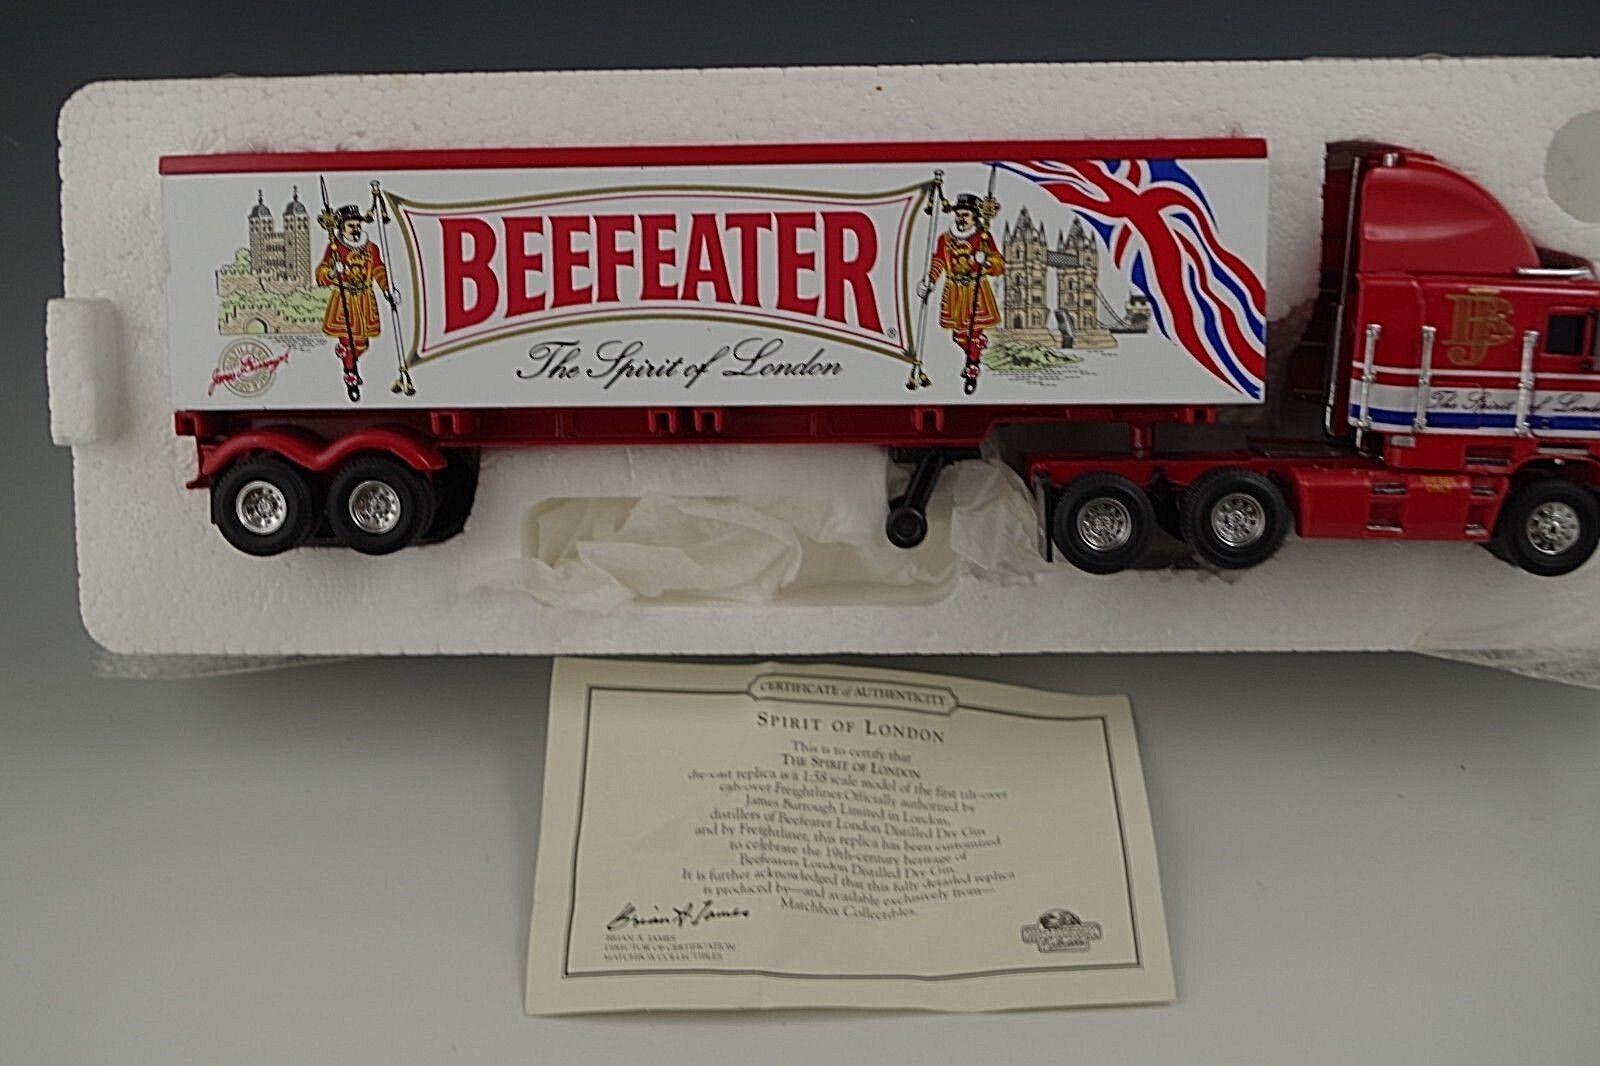 MATCHBOX MATCHBOX MATCHBOX SPIRIT OF LONDON BEEFEATER TRACTOR TRAILER 1 58 SCALE DIE CAST MIB 445a44